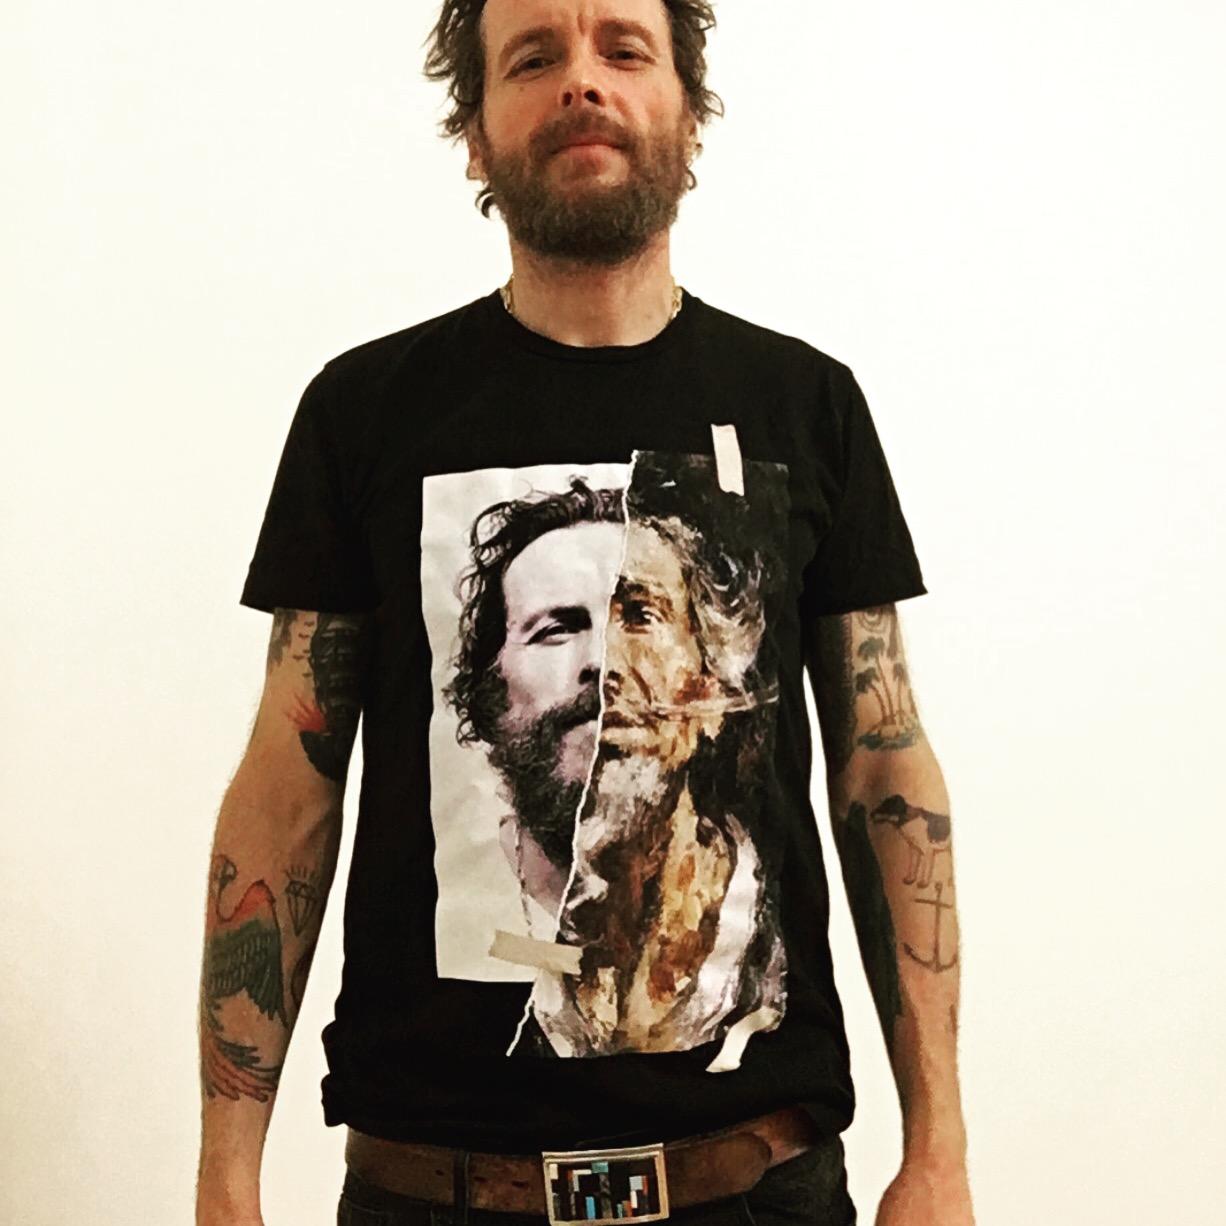 Jovanotti che indossa la tshirt di Diego Venturino a lui dedicata